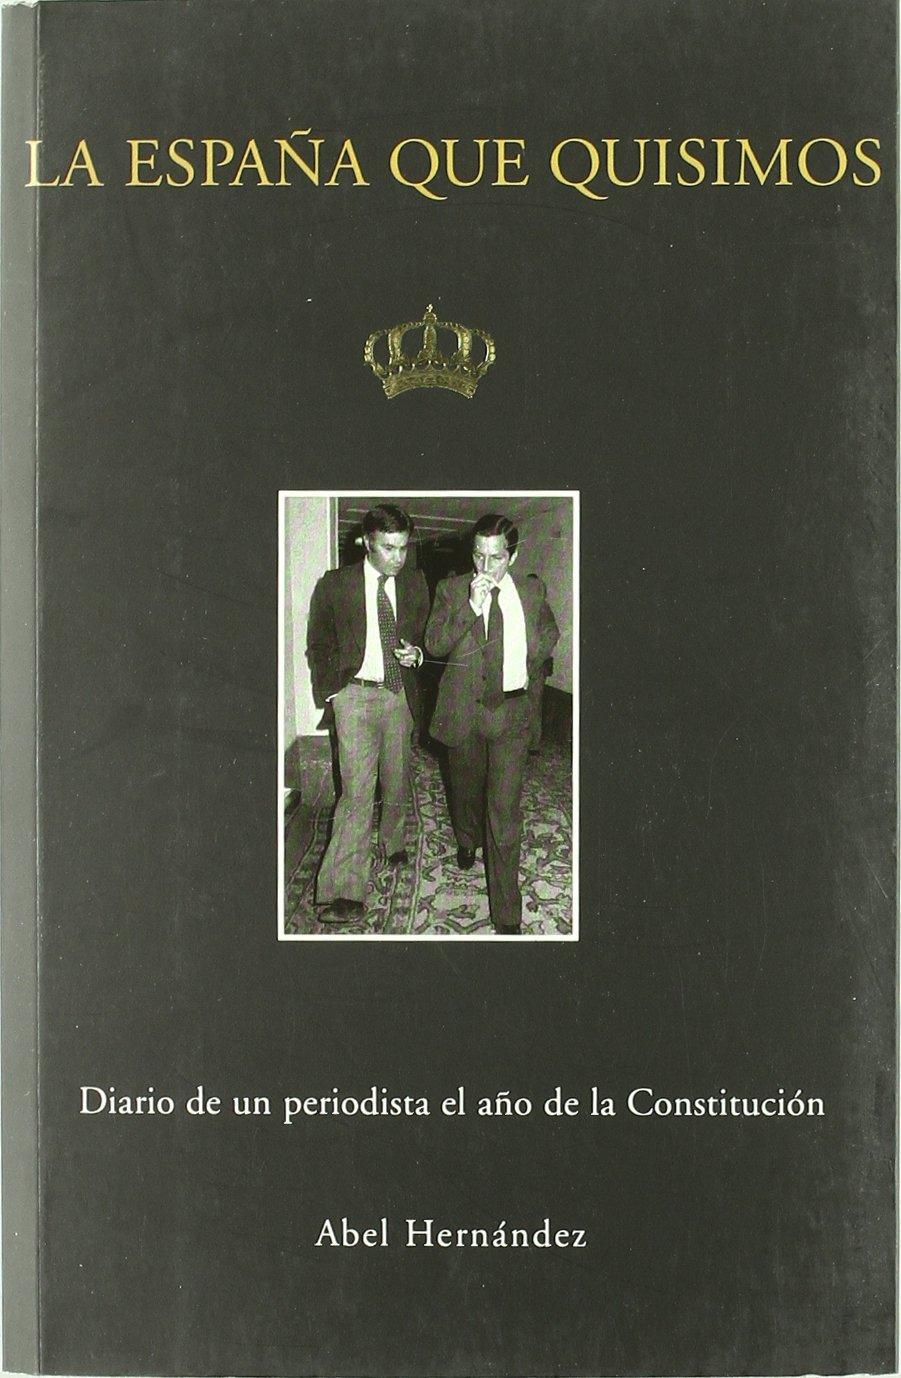 España que quisimos, la: Amazon.es: Hernandez, Abel: Libros